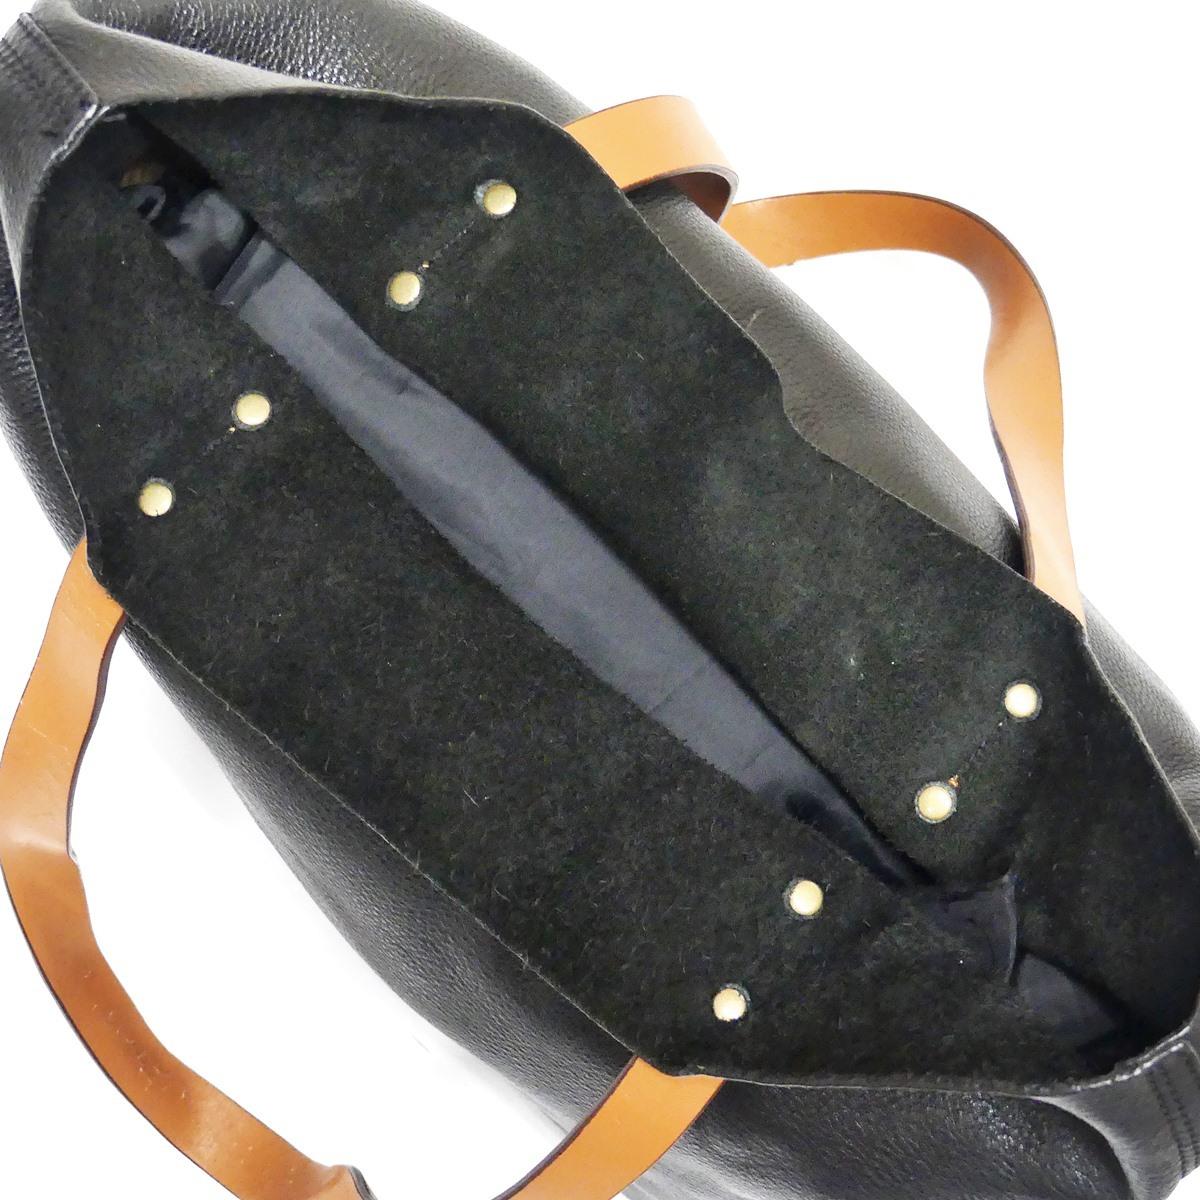 即決★GAP★オールレザートートバッグ ギャップ メンズ 黒 本革 ハンドバッグ 本皮 かばん 通勤 トラベル 出張 手提げバッグ 鞄 レディース_画像7